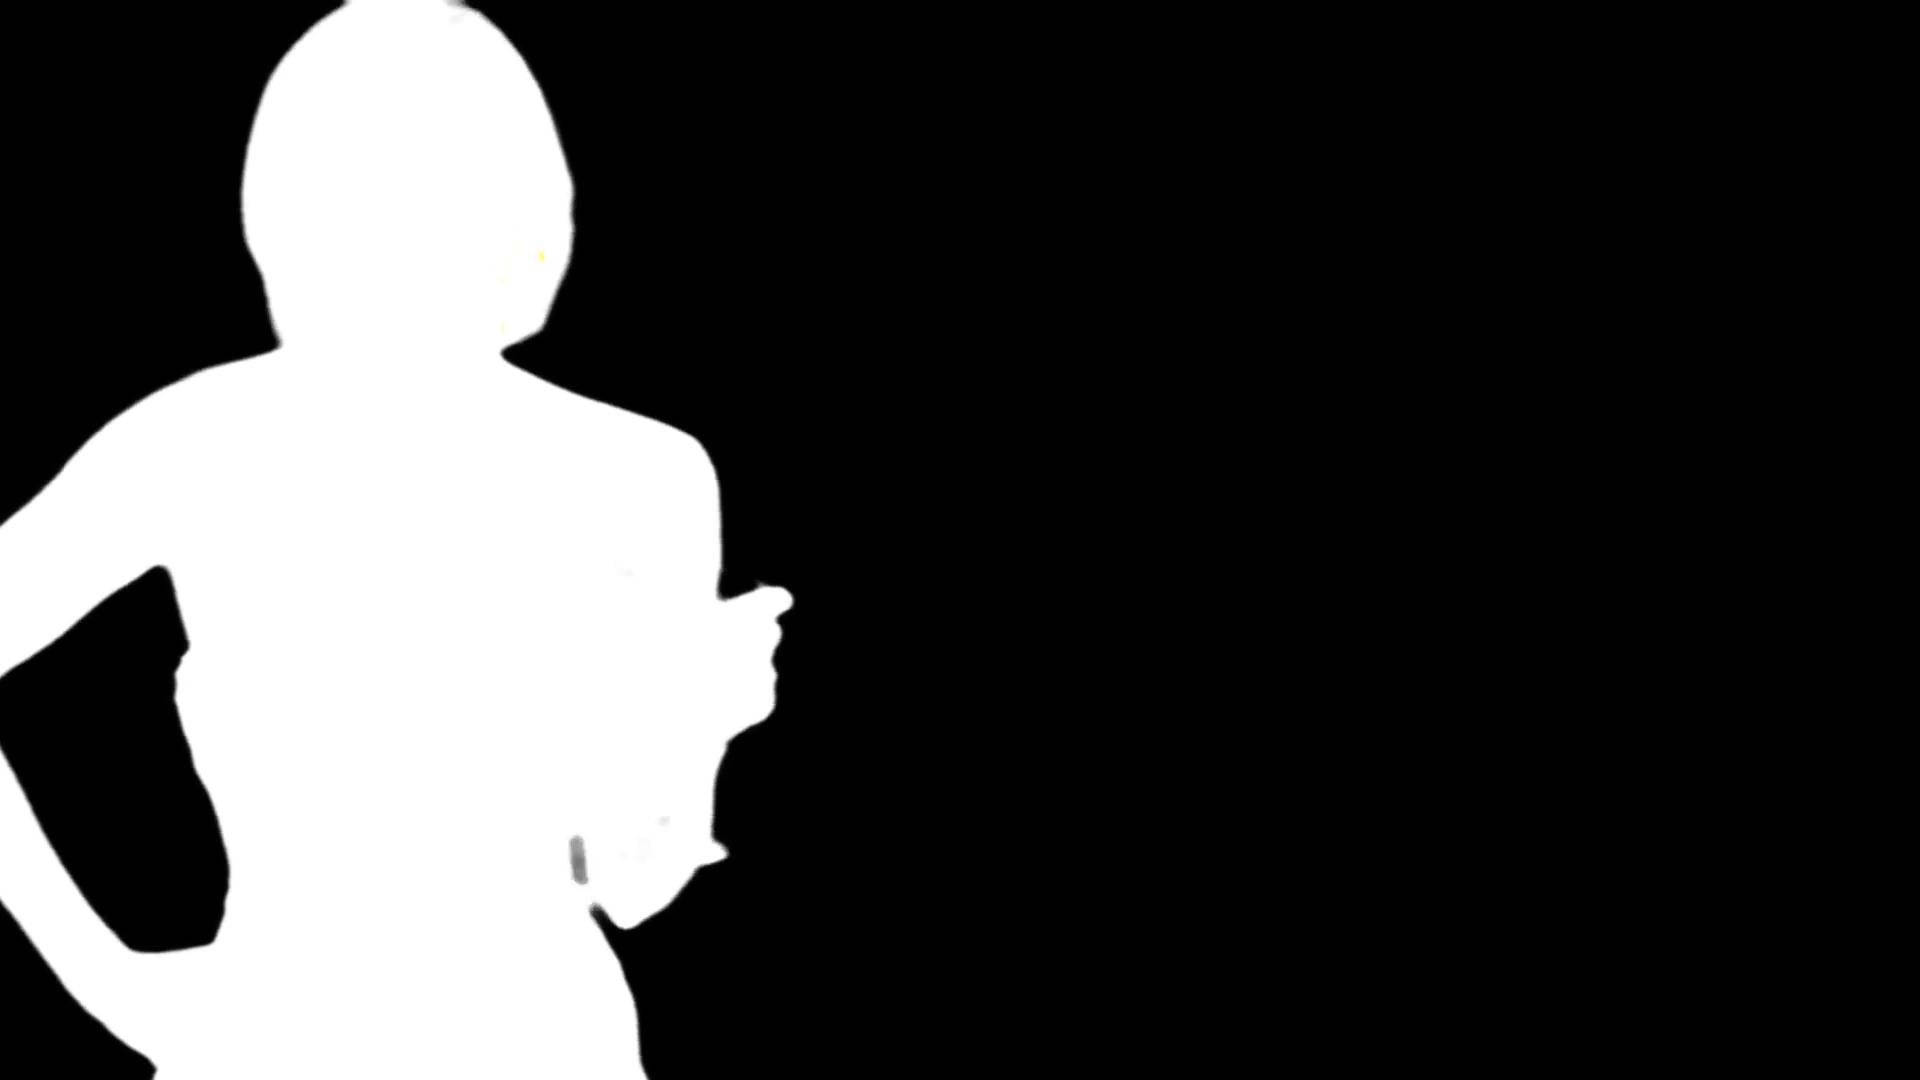 1920x1080 Bw Silhouette Female Upper Body Head Slow Turn Tilt Up Stock